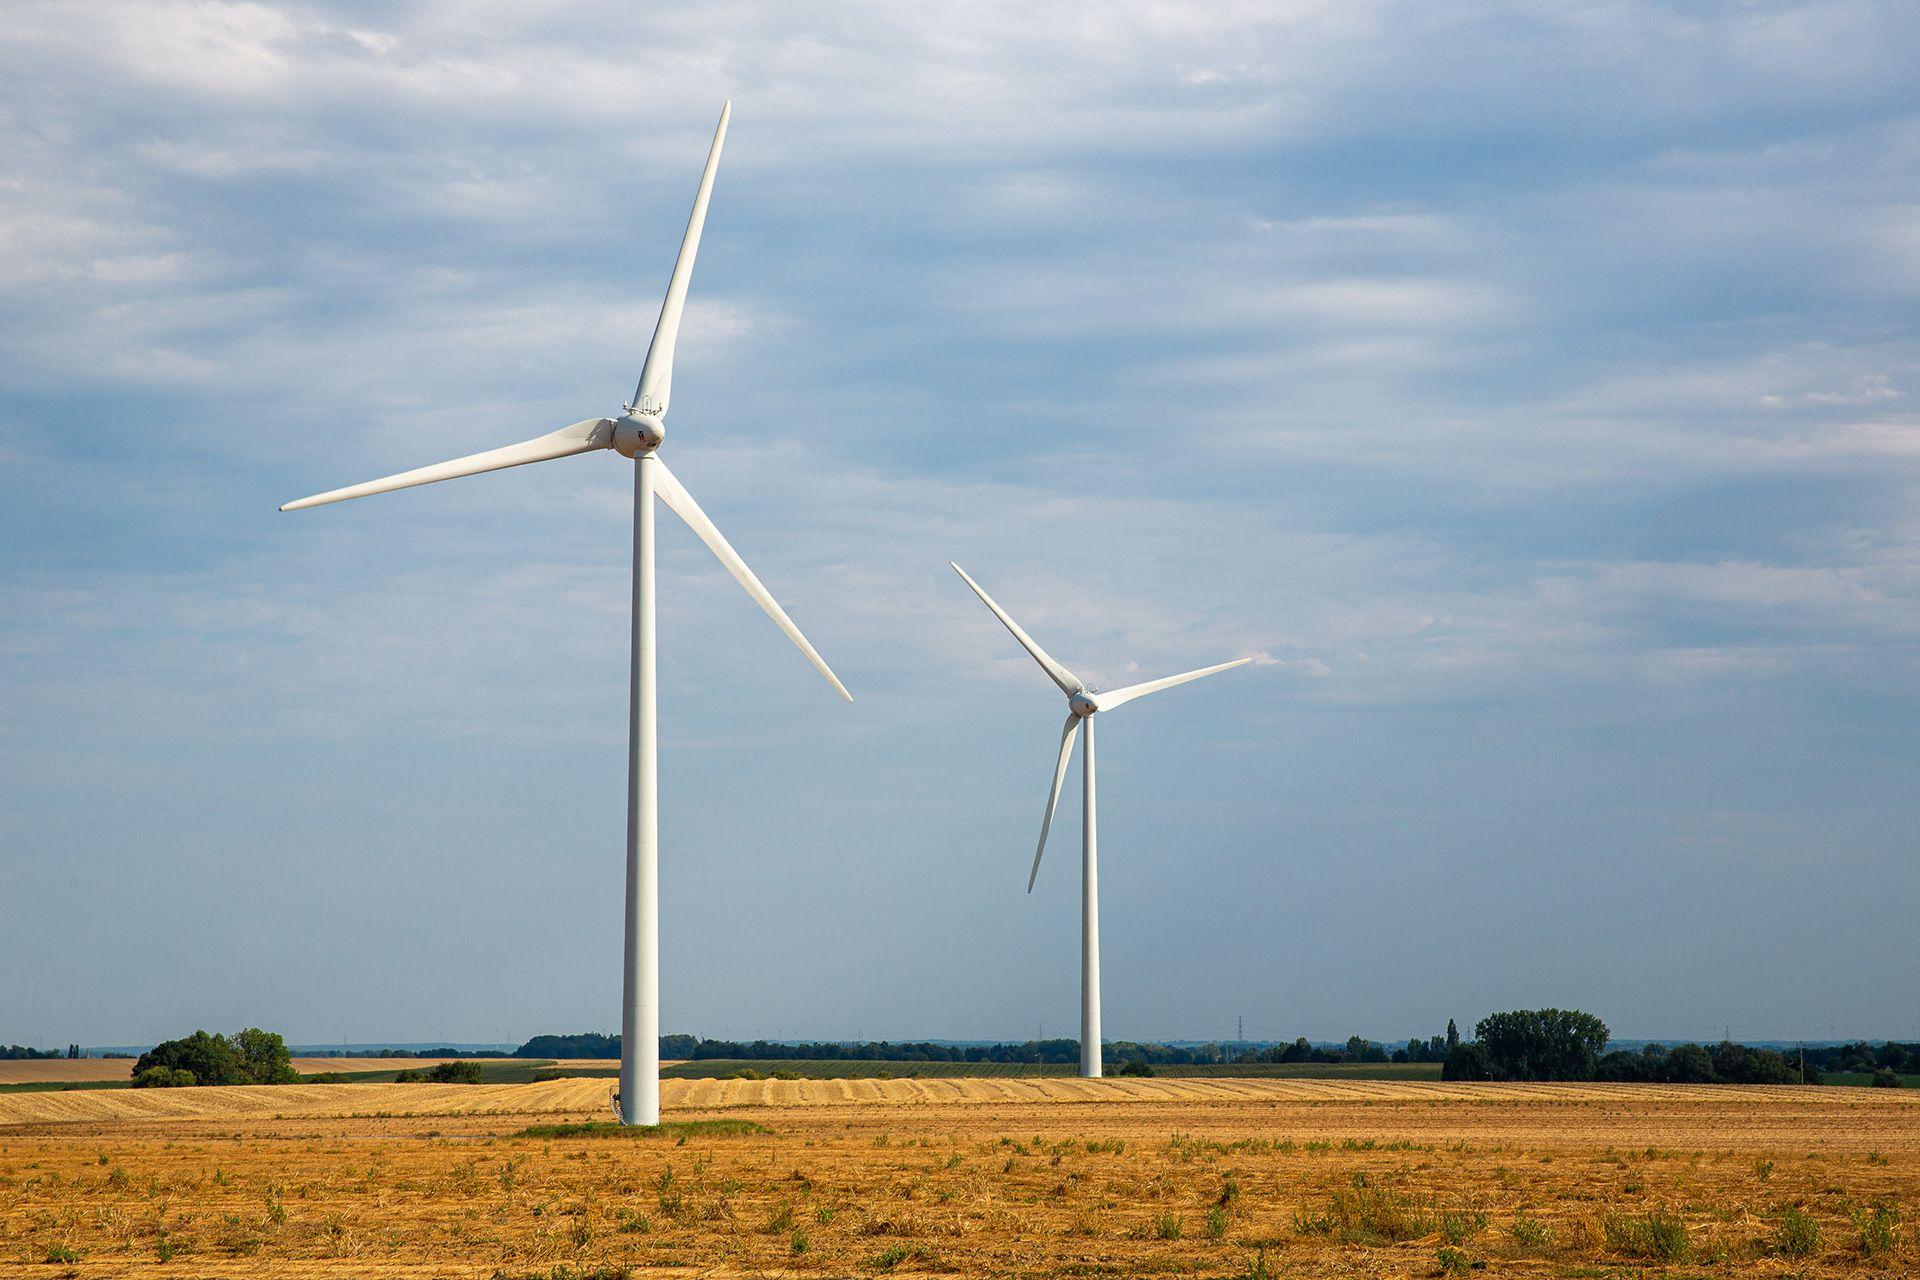 Poglavlje 15: Mehanizmi podrške za korišćenje obnovljivih izvora energije